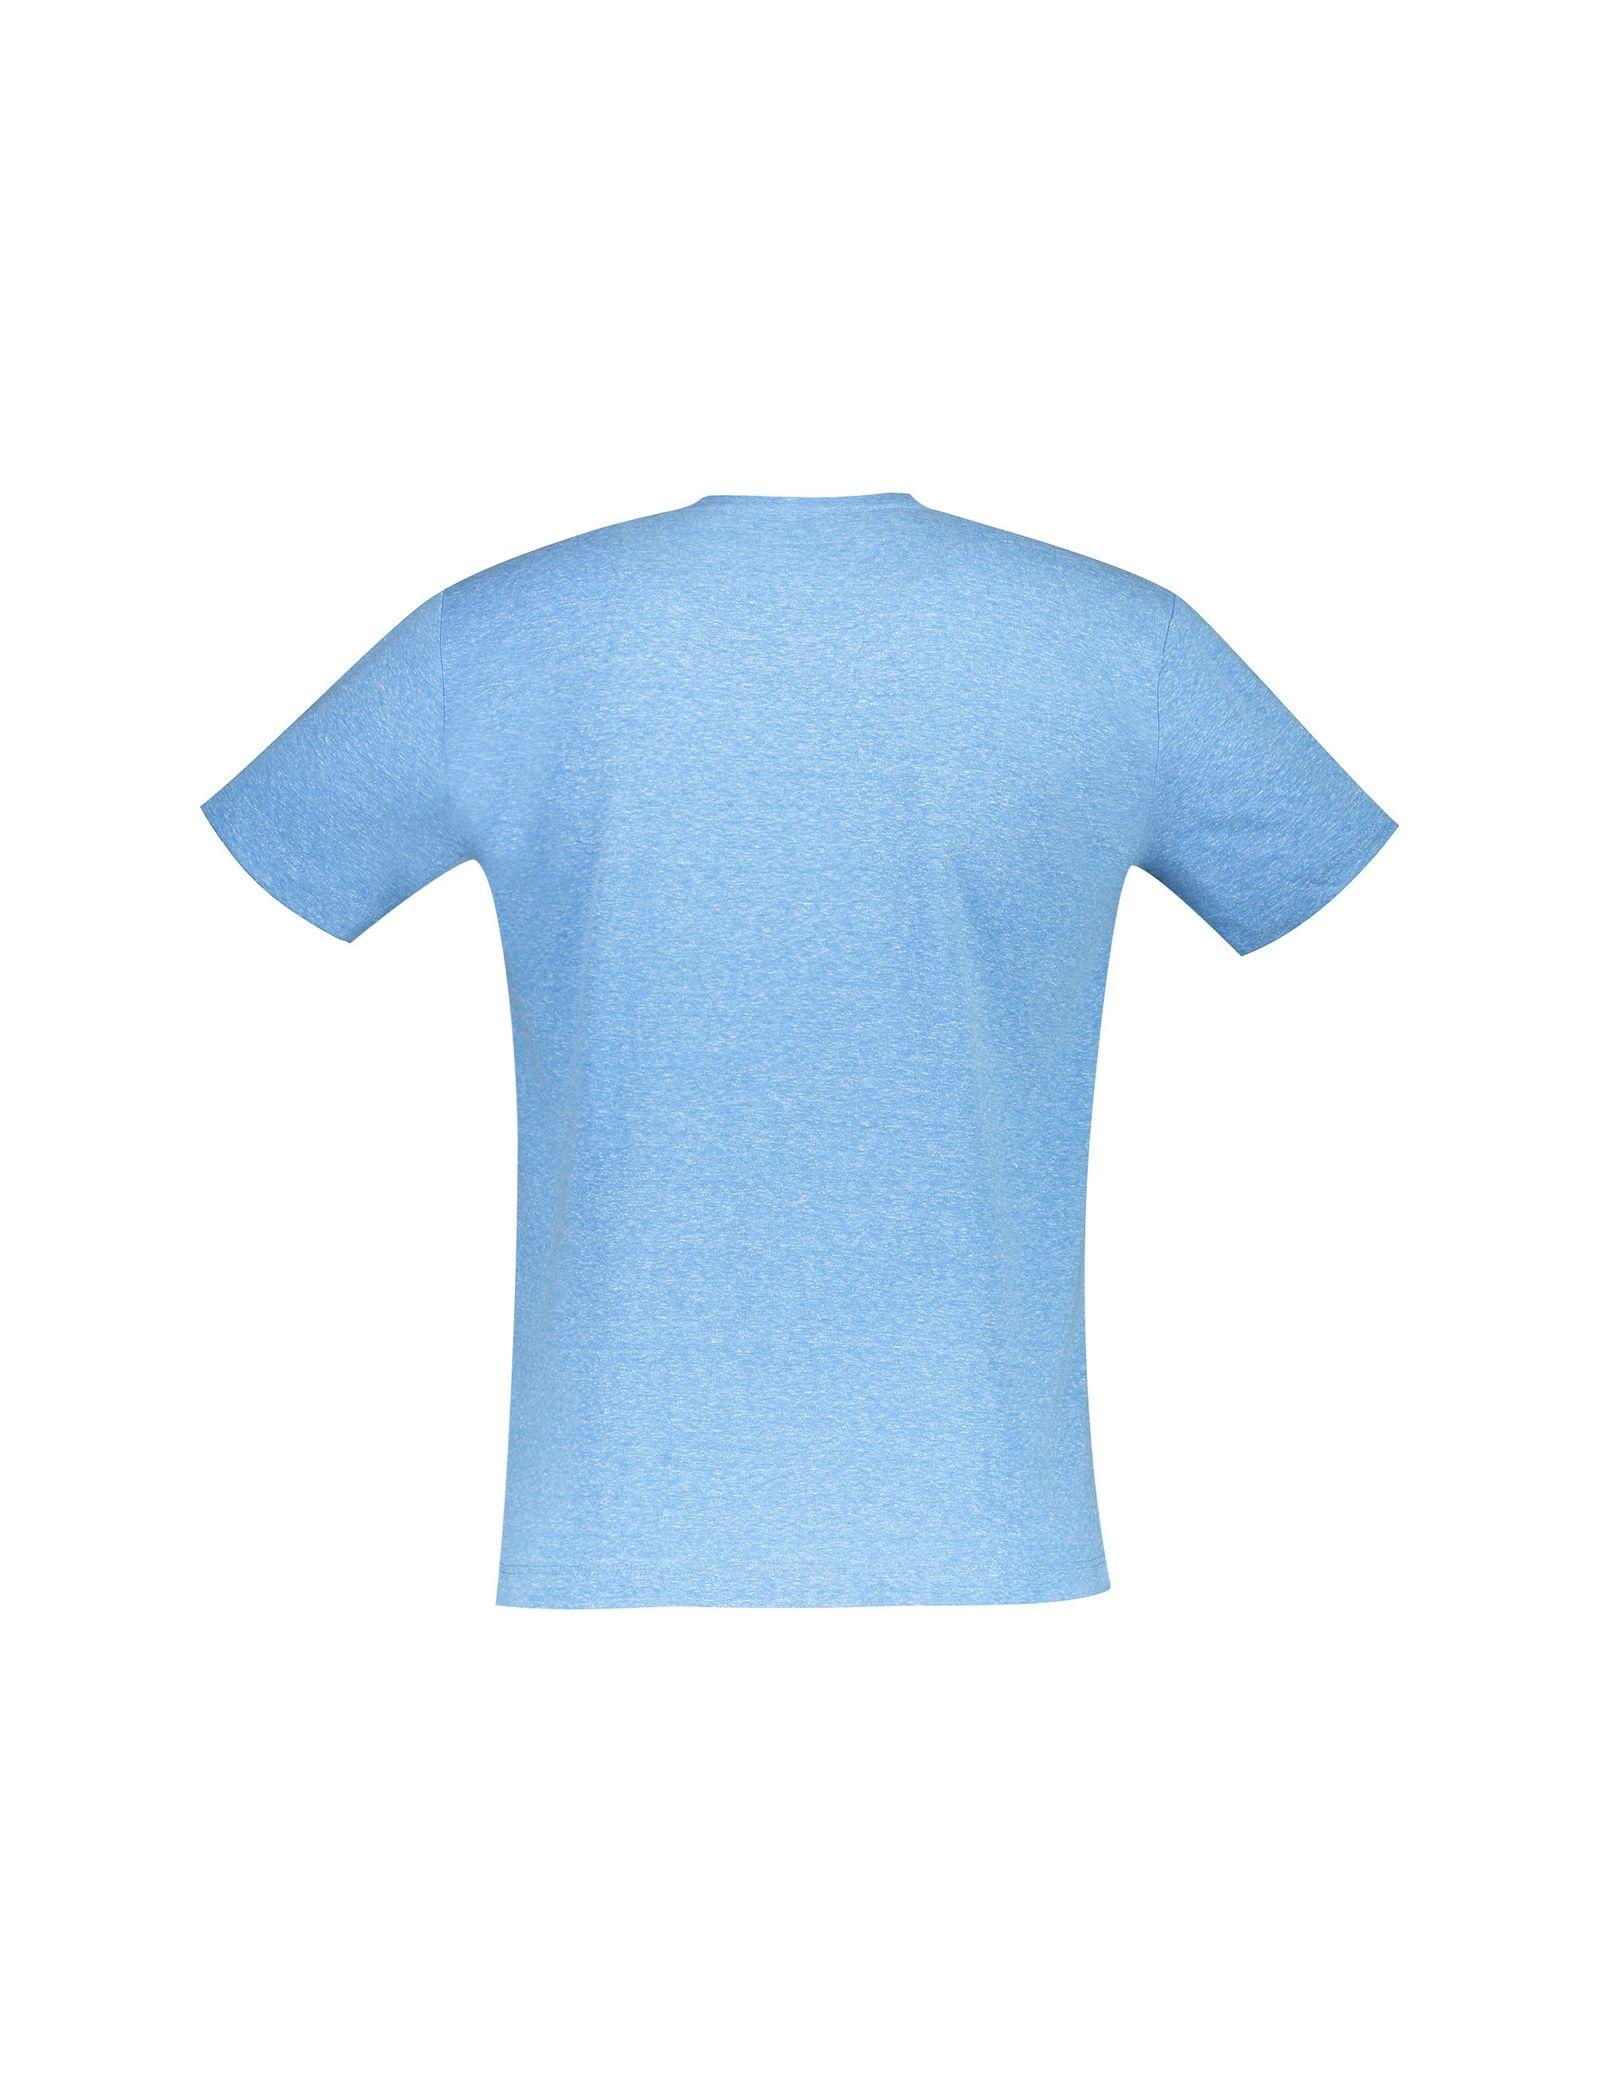 تی شرت یقه گرد مردانه - متی - آبي روشن - 2